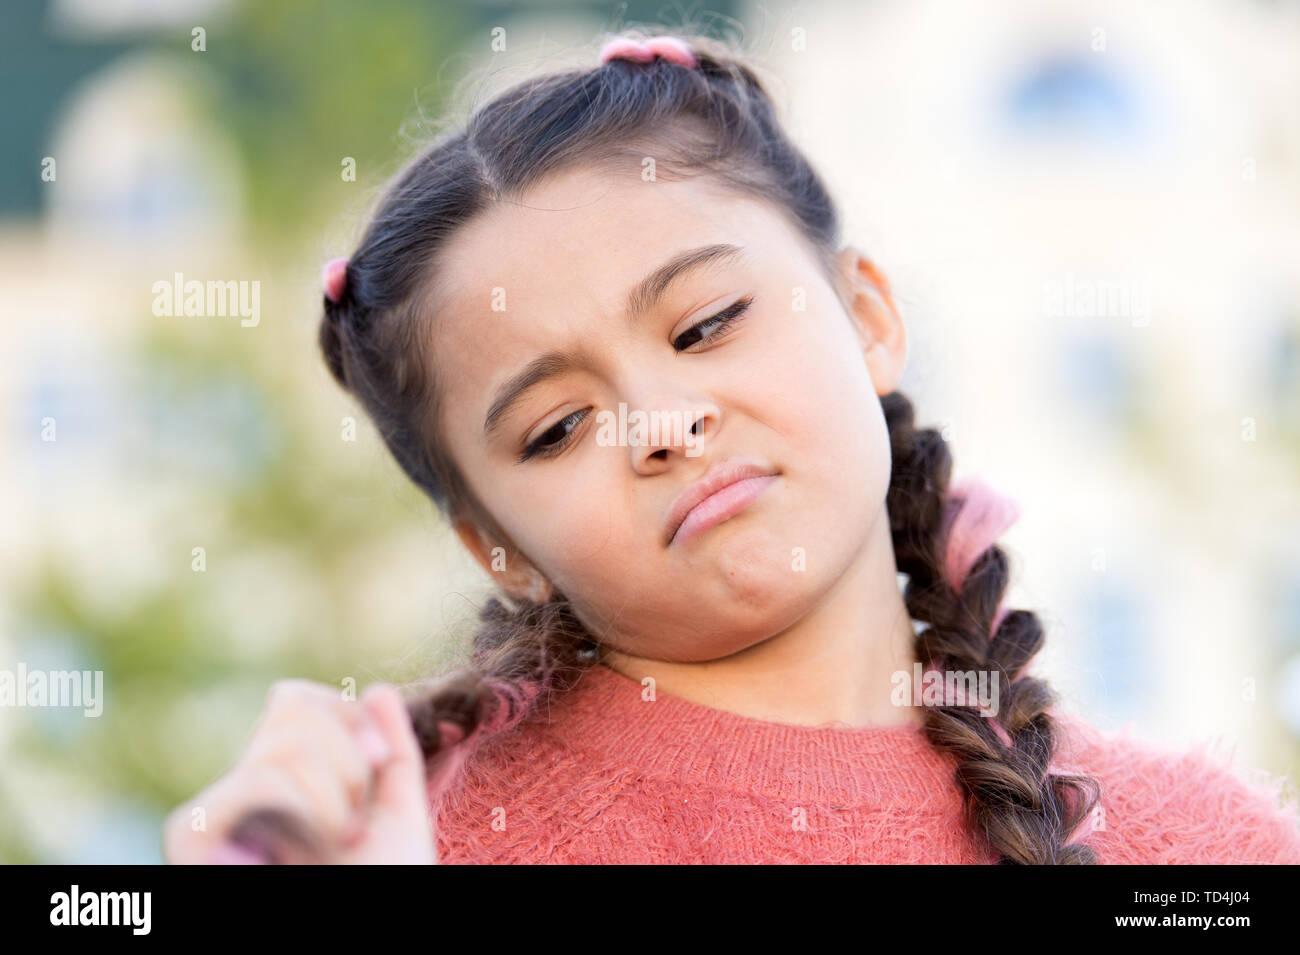 She needs a good hairdresser. Cute little girl looking at long braided hair. Kids hairdresser. Hairdresser salon for children. Doing her hair like hairdresser. - Stock Image